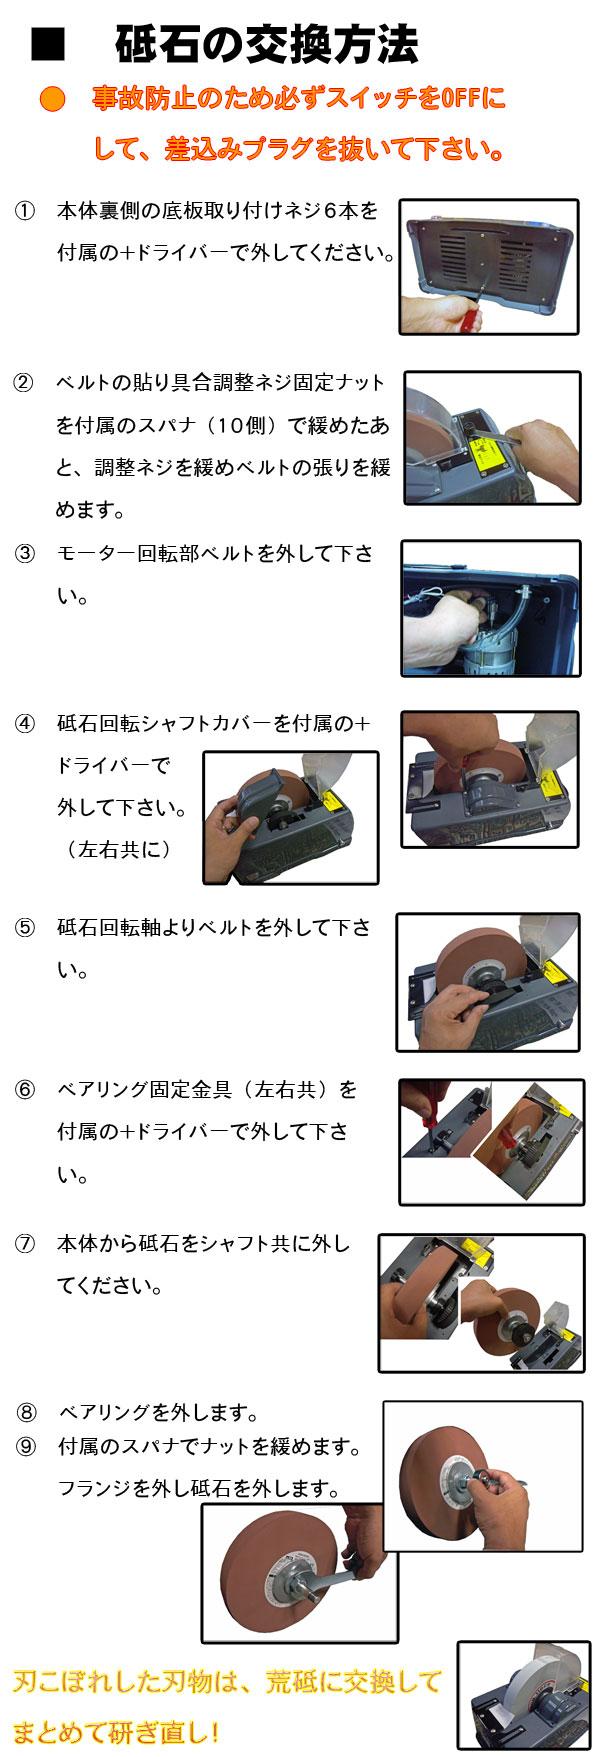 H&H縦型水研機の説明4